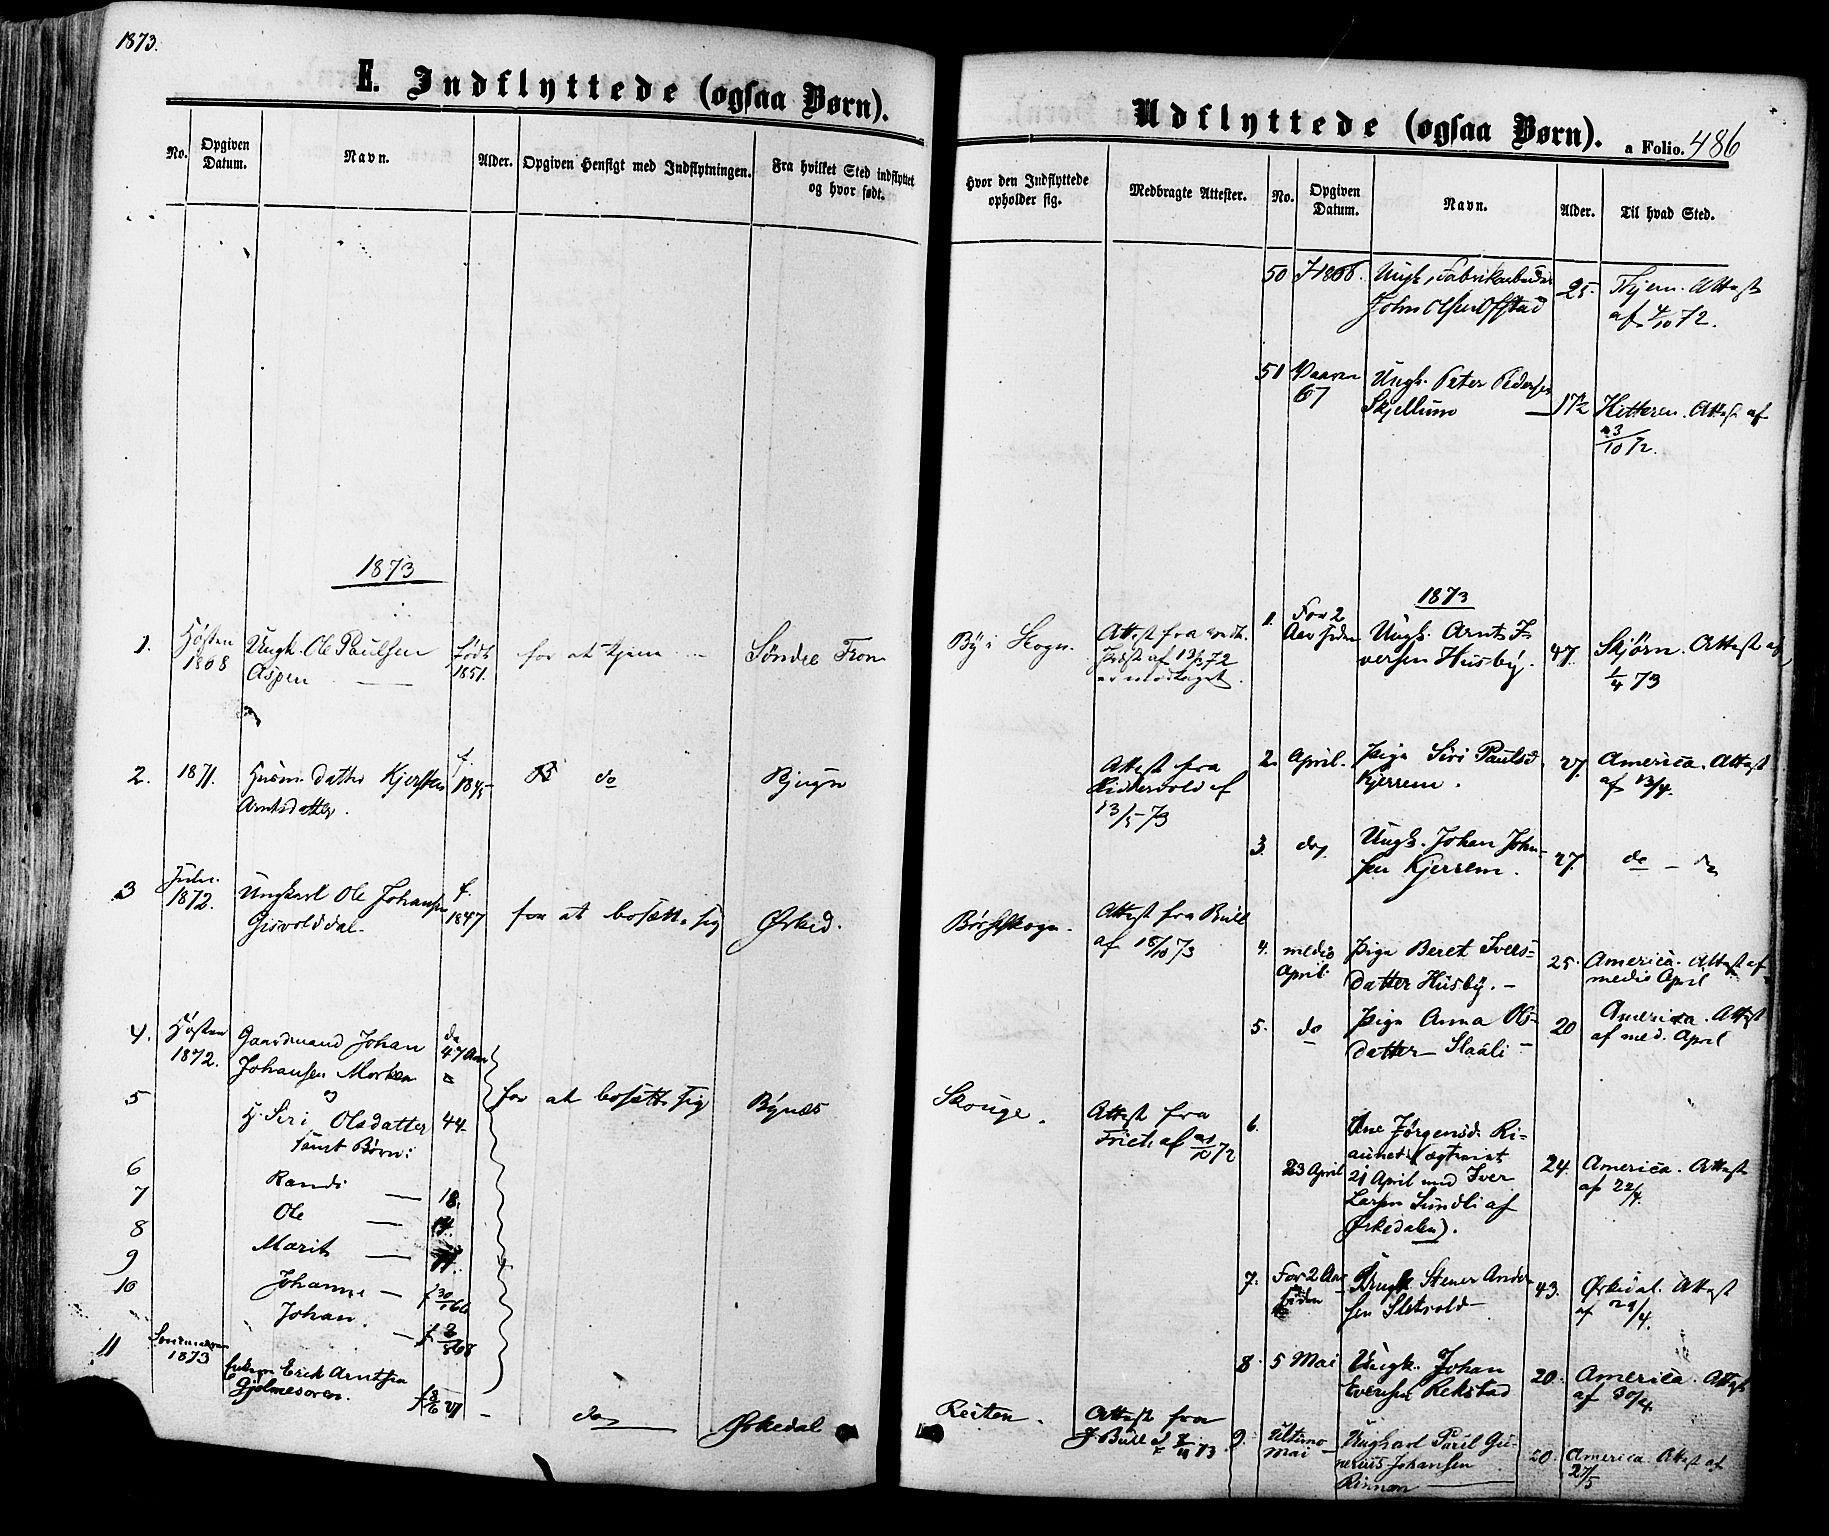 SAT, Ministerialprotokoller, klokkerbøker og fødselsregistre - Sør-Trøndelag, 665/L0772: Ministerialbok nr. 665A07, 1856-1878, s. 486